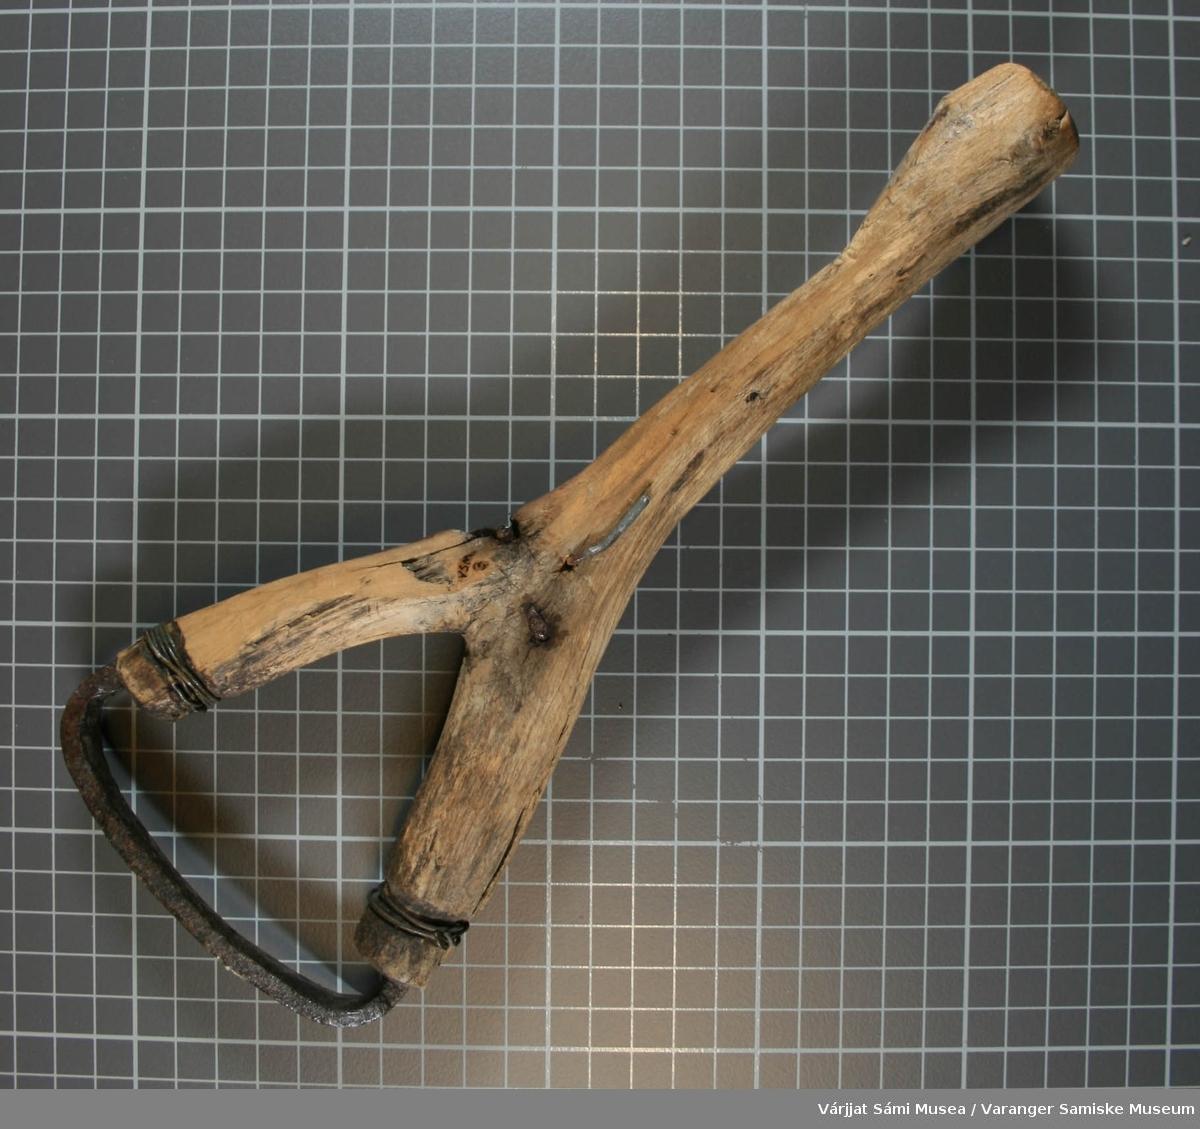 Barkskrape avr laget av tre og metall. Y-formet skaft og svakt buet blad.  Det er laget spor i treet for selve skrapen, i tillegg er den festet med streng og slått gjennom treet.